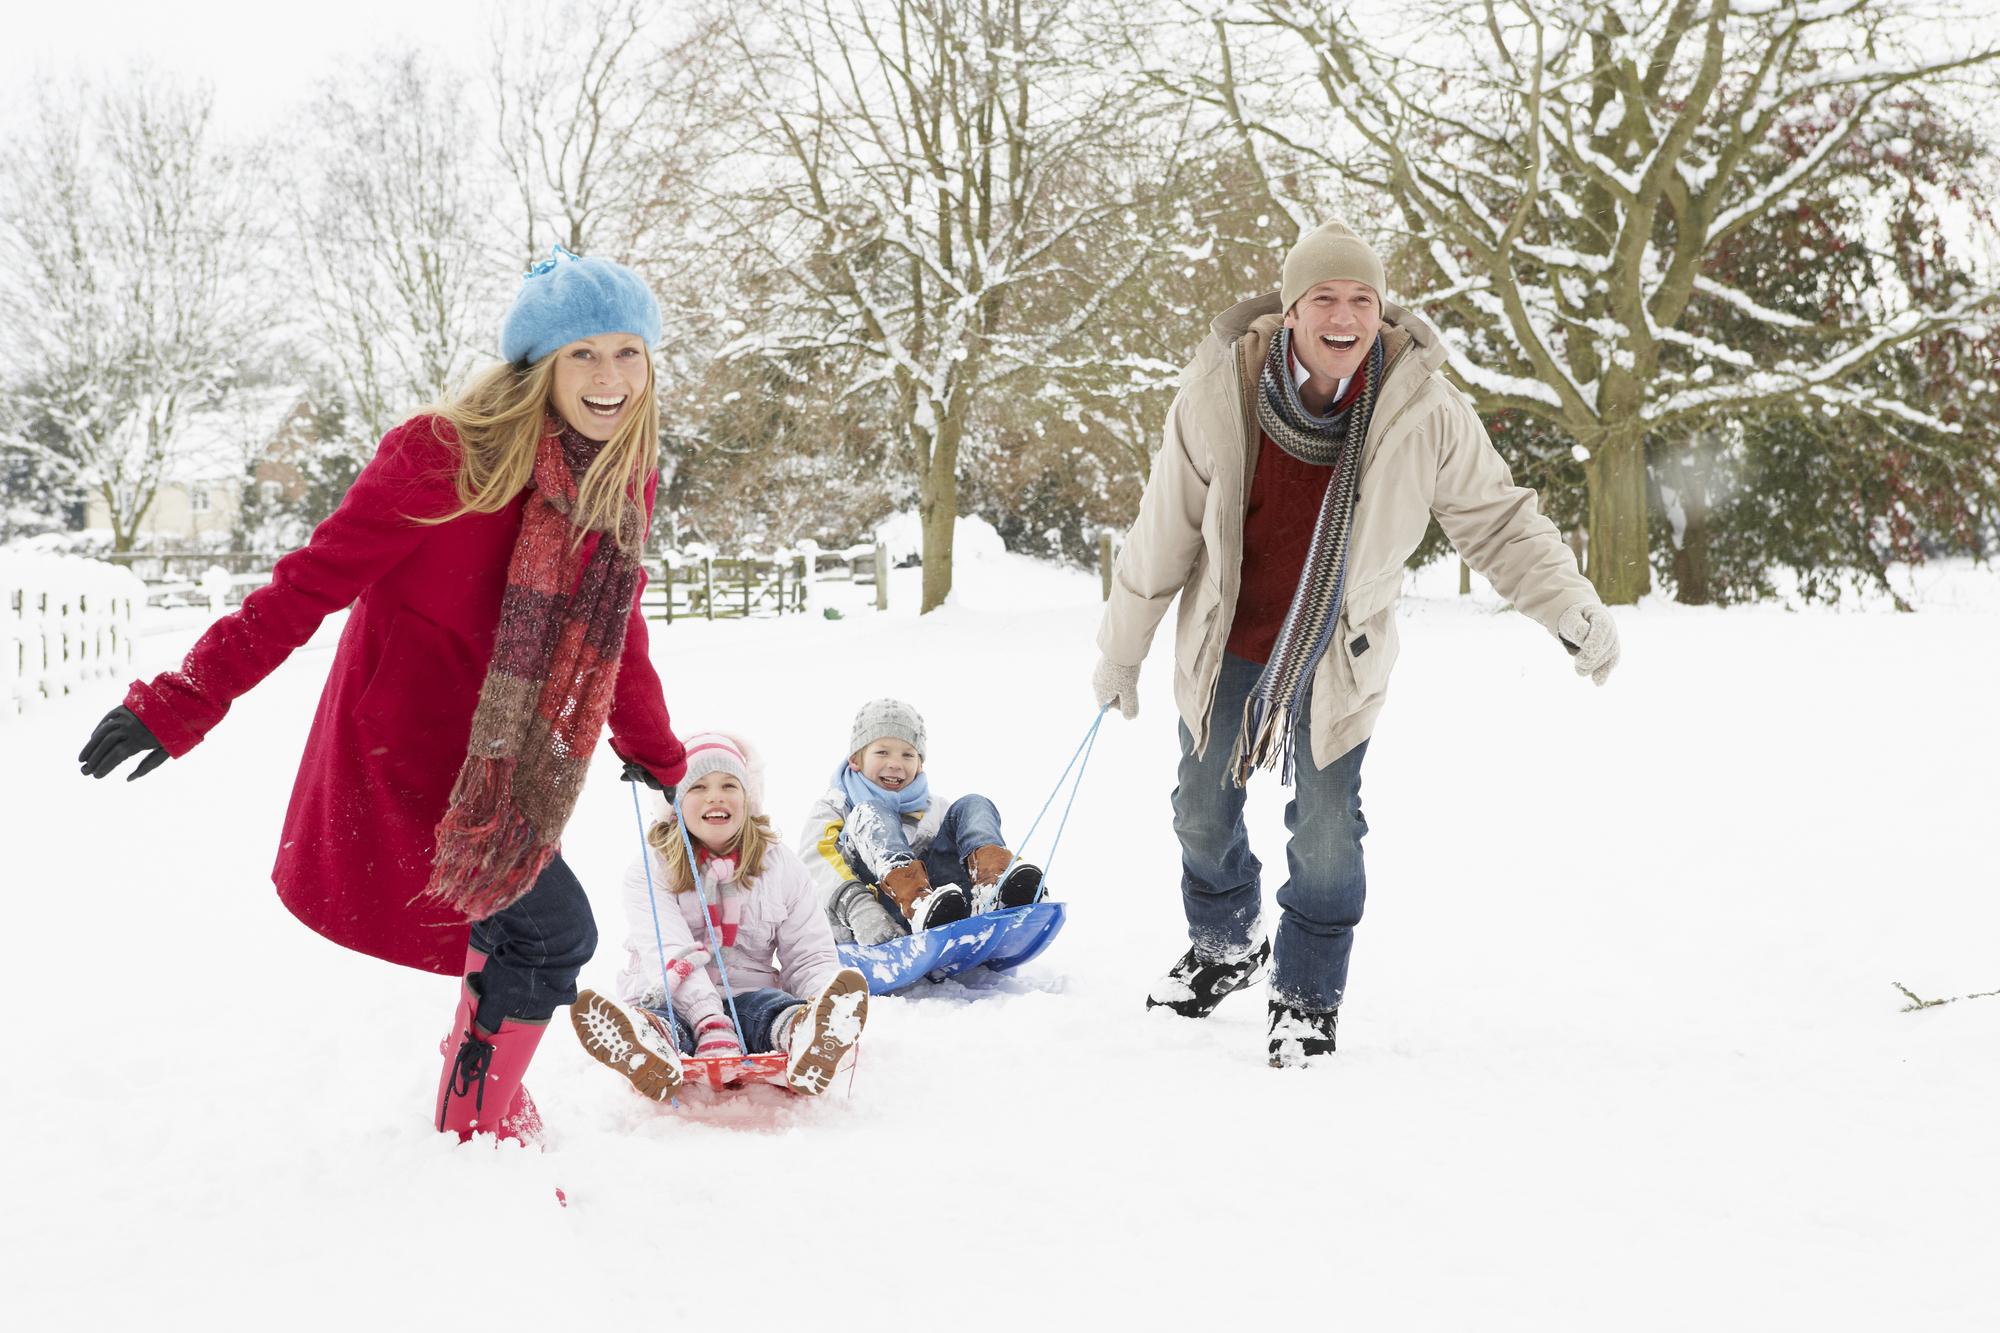 видео драцены картинка зимняя прогулка с семьей заката доме